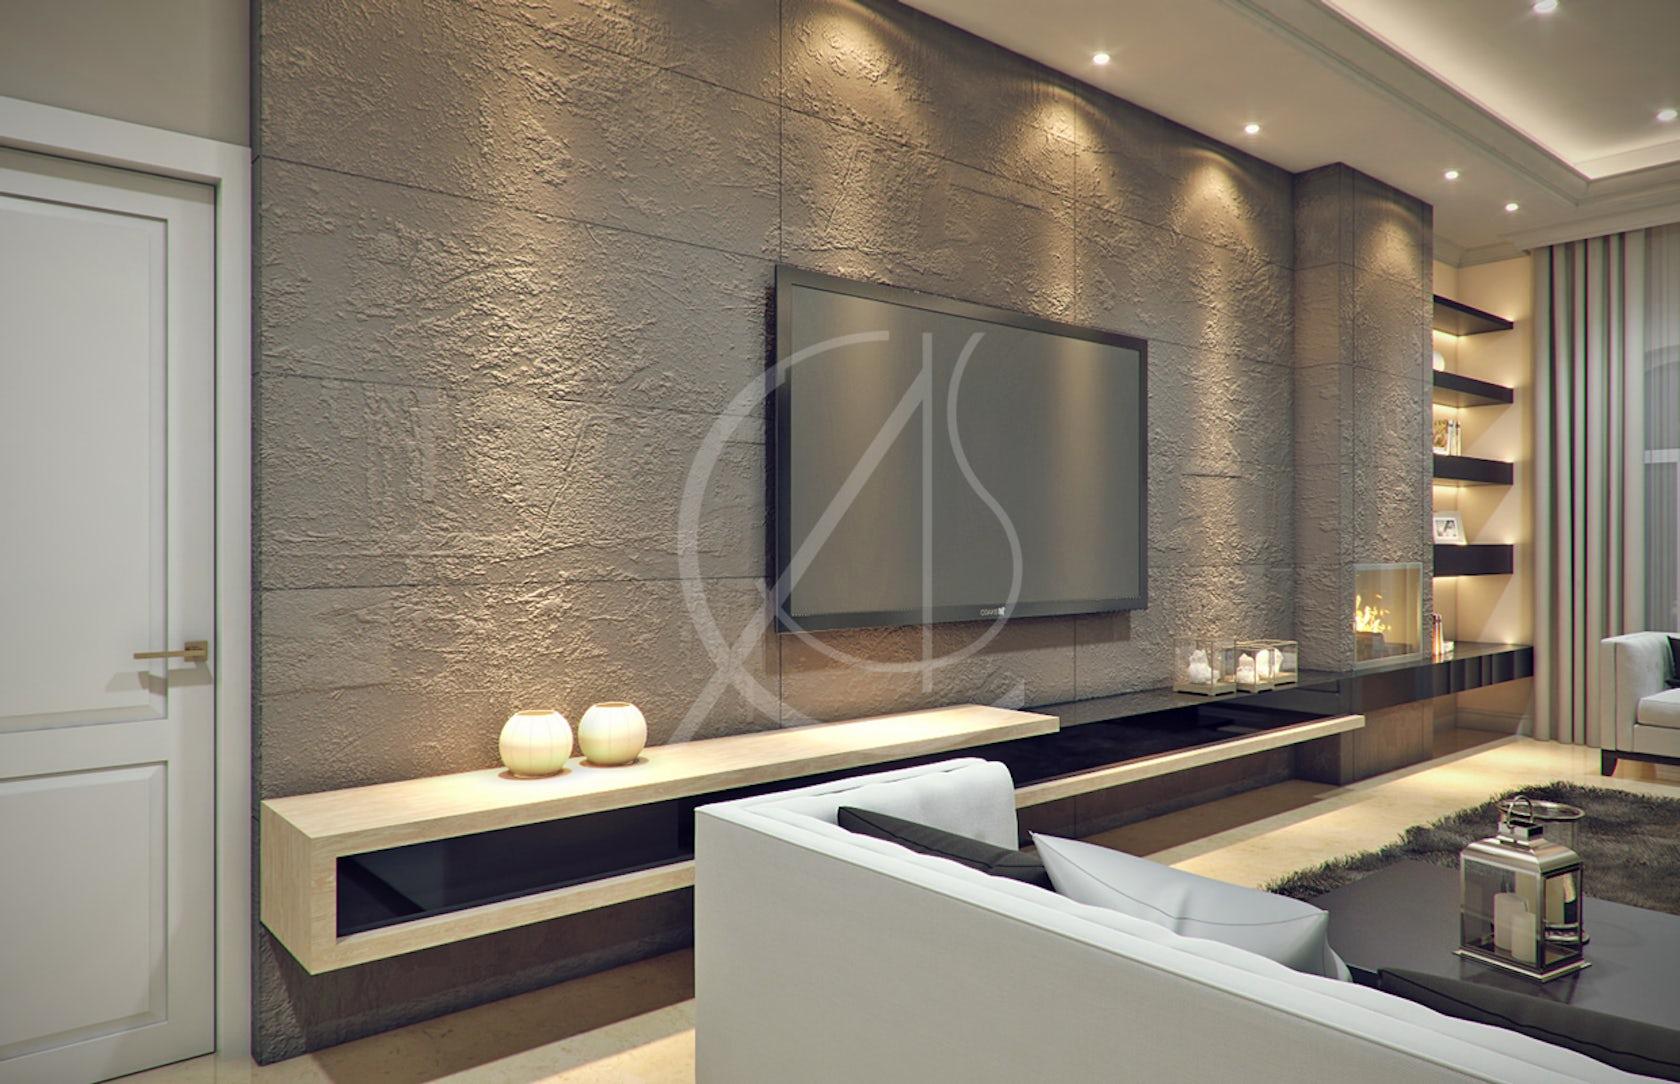 Modern Classic Villa Interior Design By Comelite Architecture Structure And Interior Design Architizer